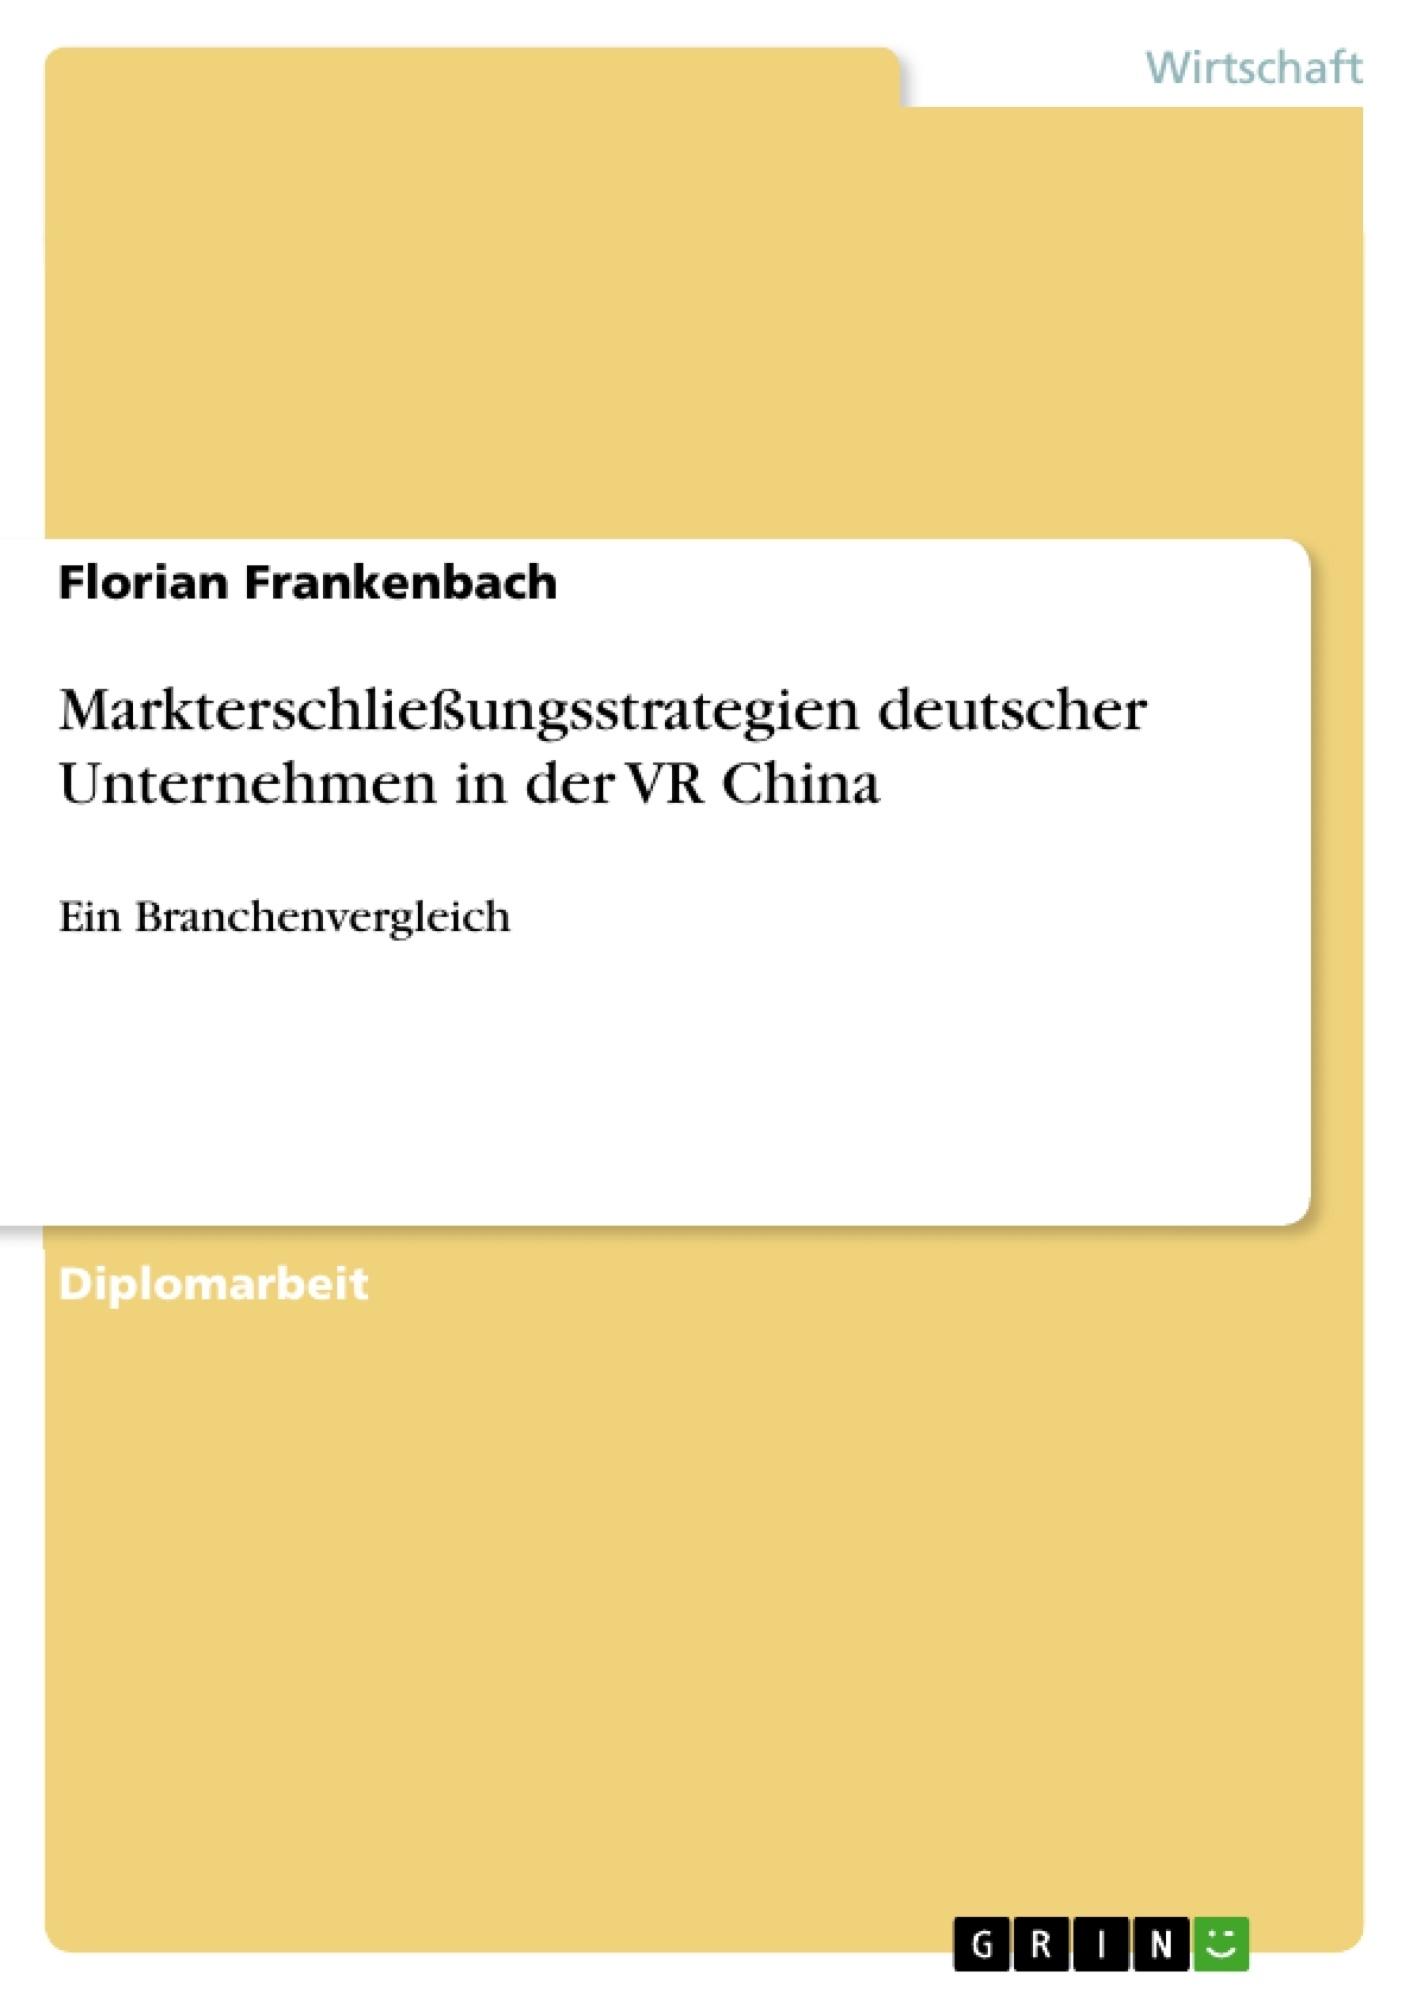 Titel: Markterschließungsstrategien deutscher Unternehmen in der VR China